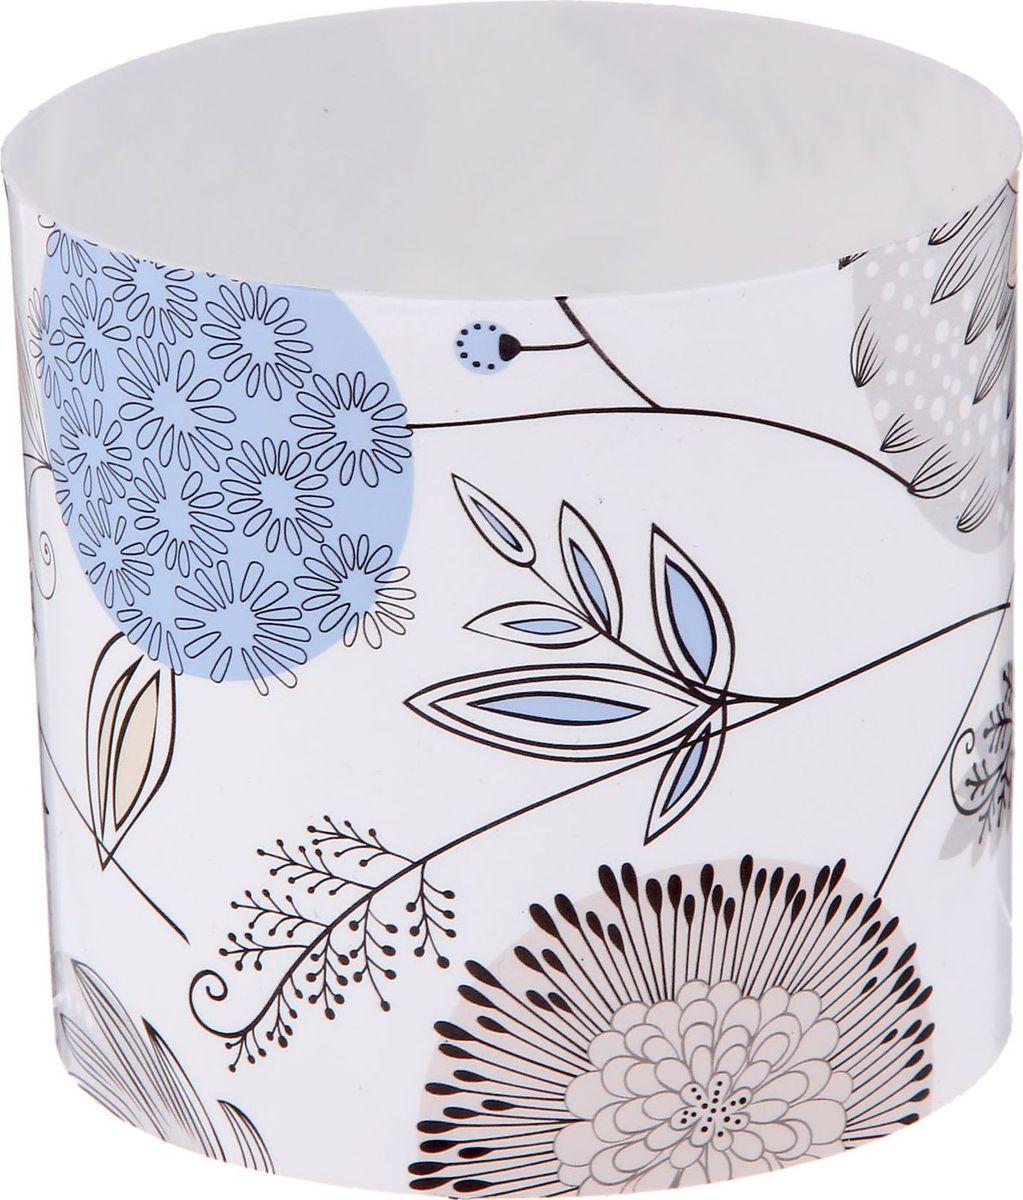 Горшок для цветов Simple Garden Цветы. Войнича, со скрытым поддоном, цвет: голубой, 1 л2265060